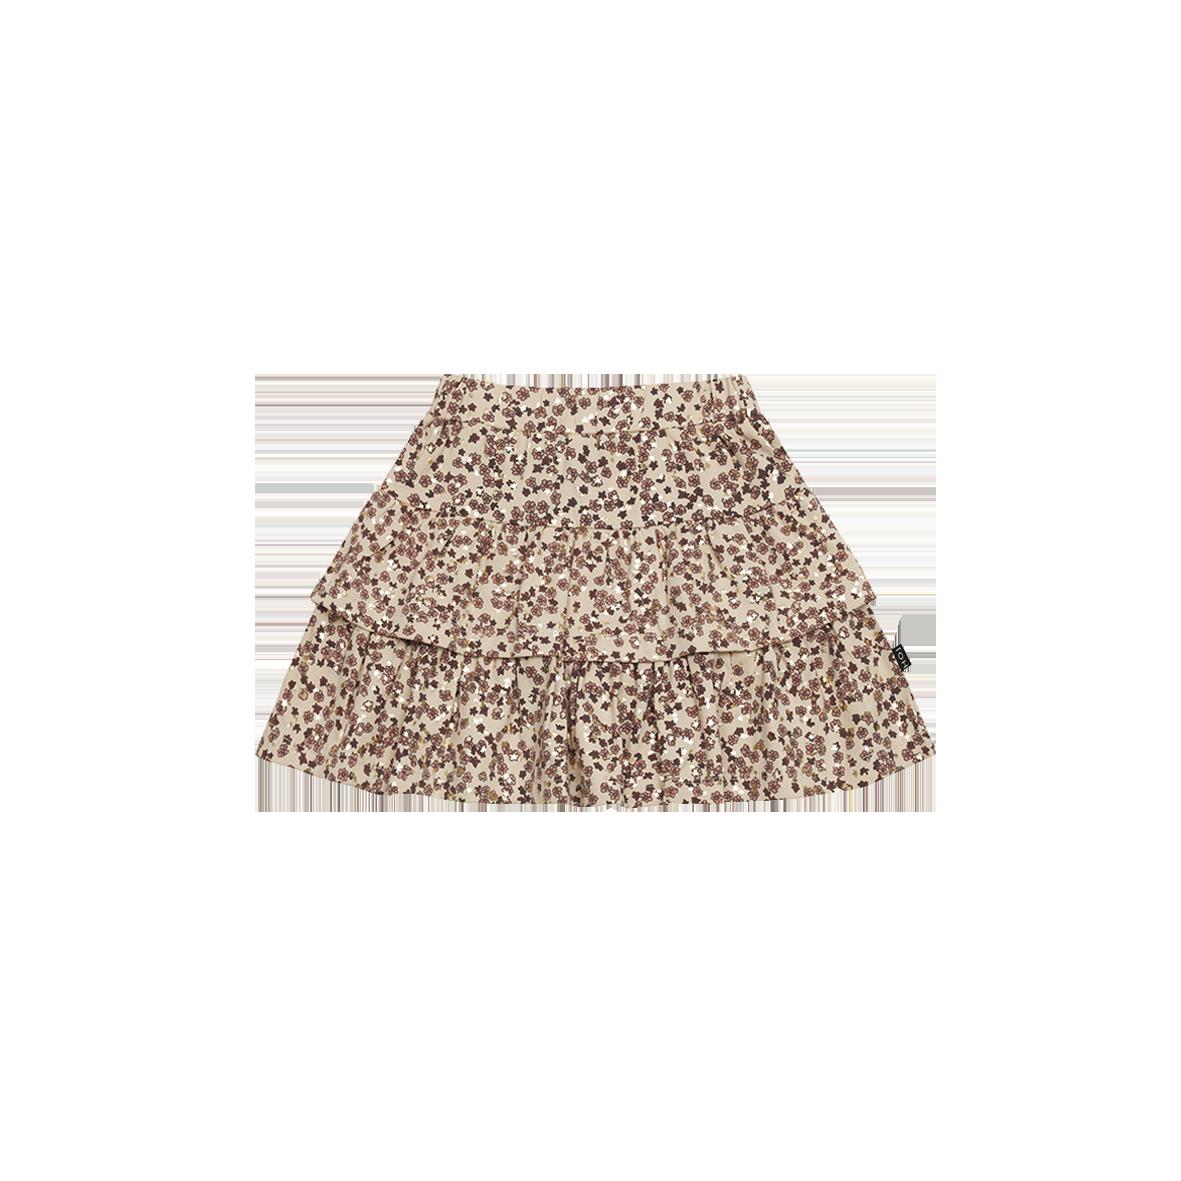 Ruffled Skirt Golden rose Dawn Blossom